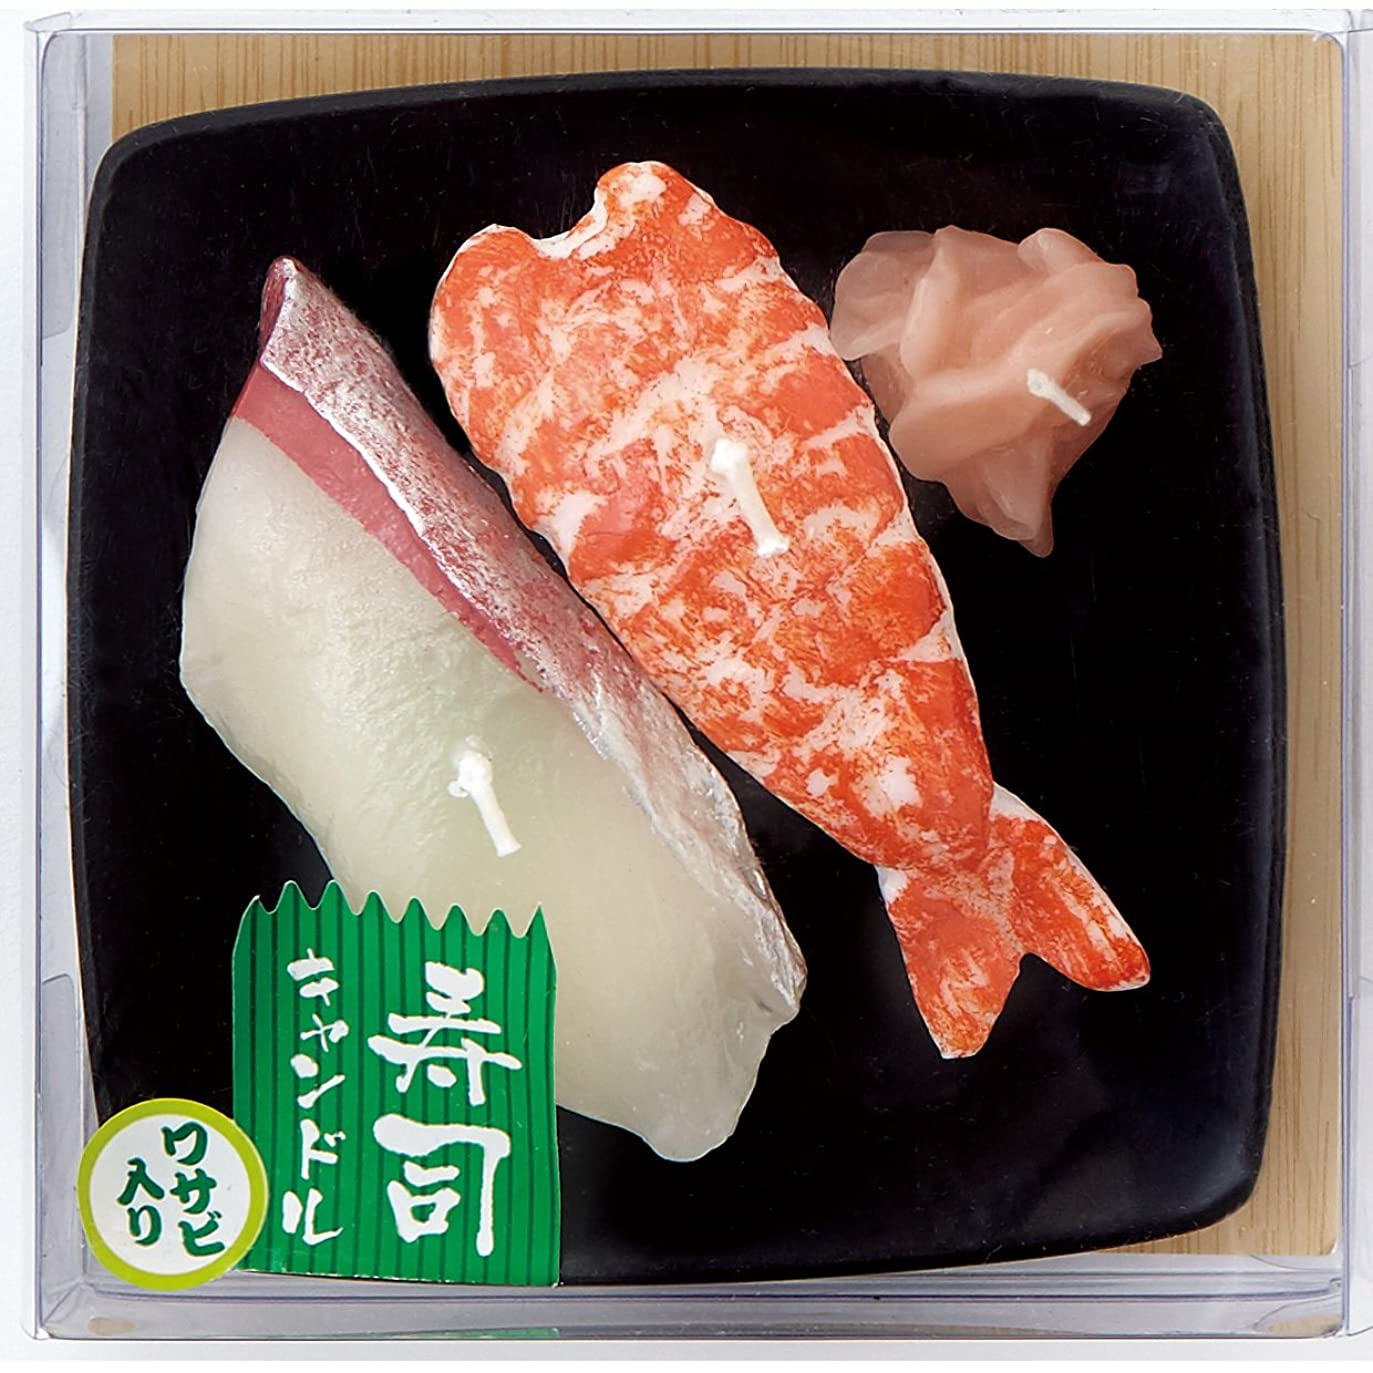 現金カブスポーツをする寿司キャンドル B(エビ?ハマチ) サビ入